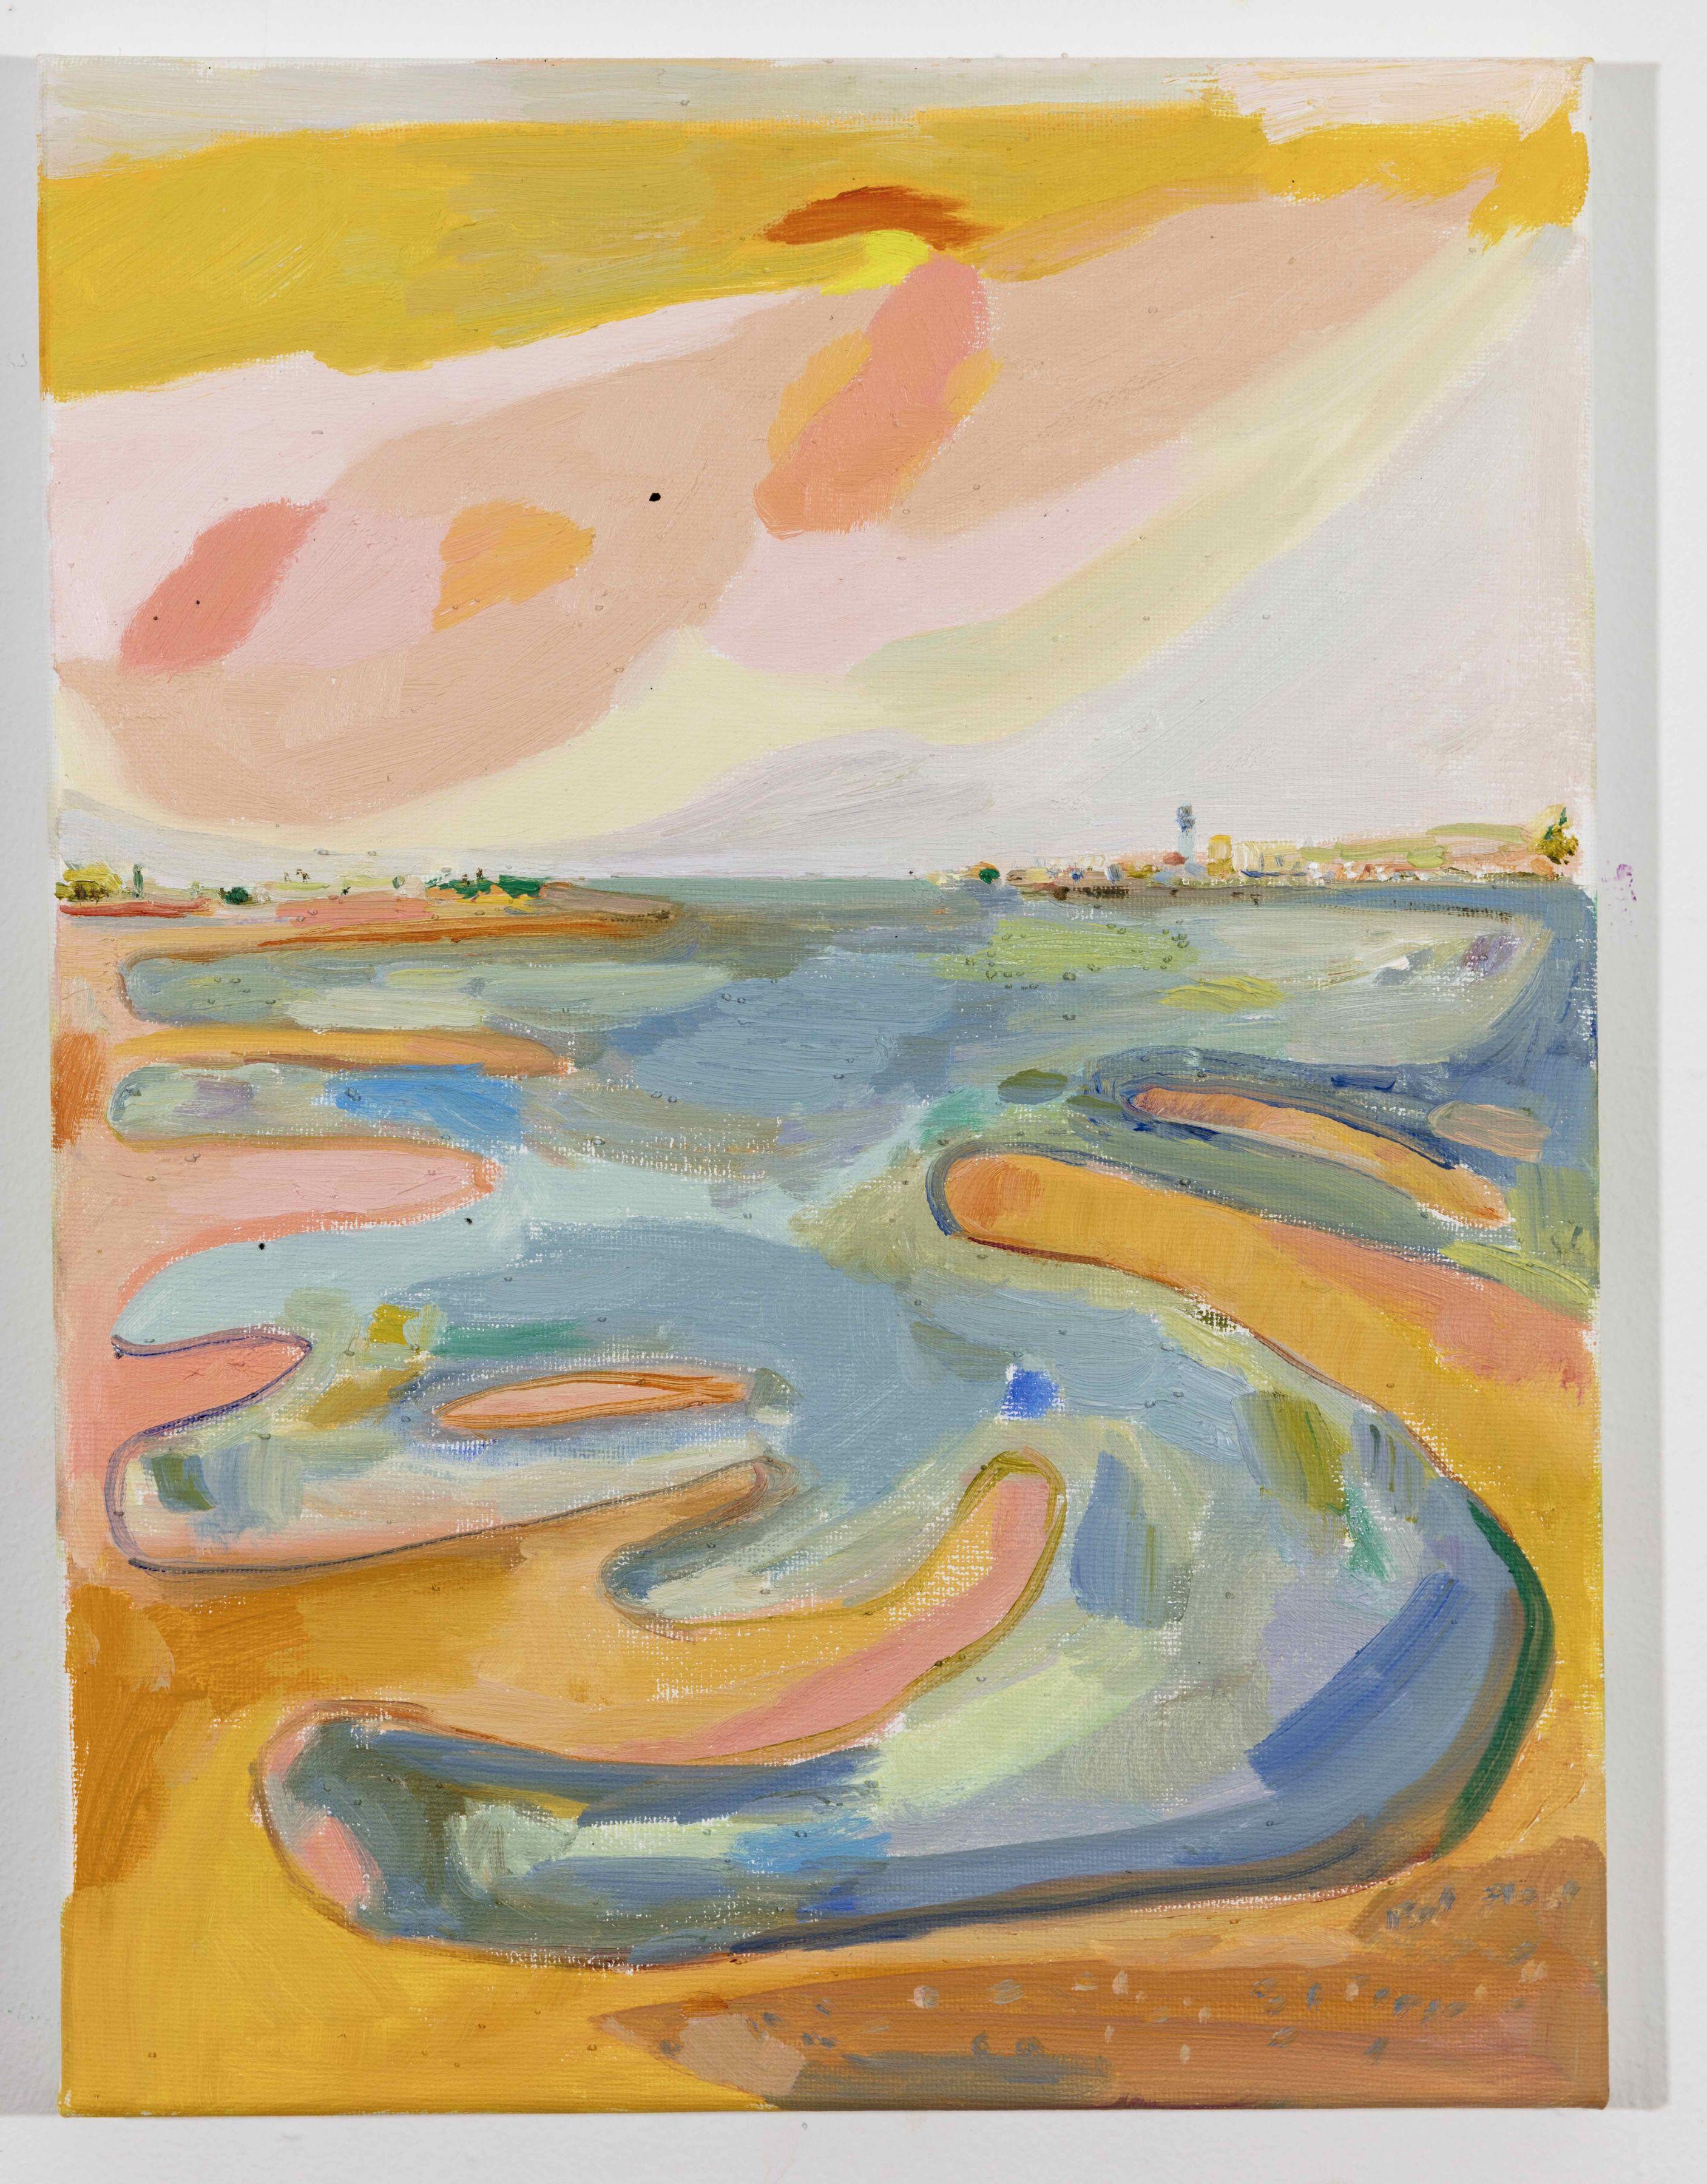 LISA SANDITZ, Landscape Color Study 26, 2019